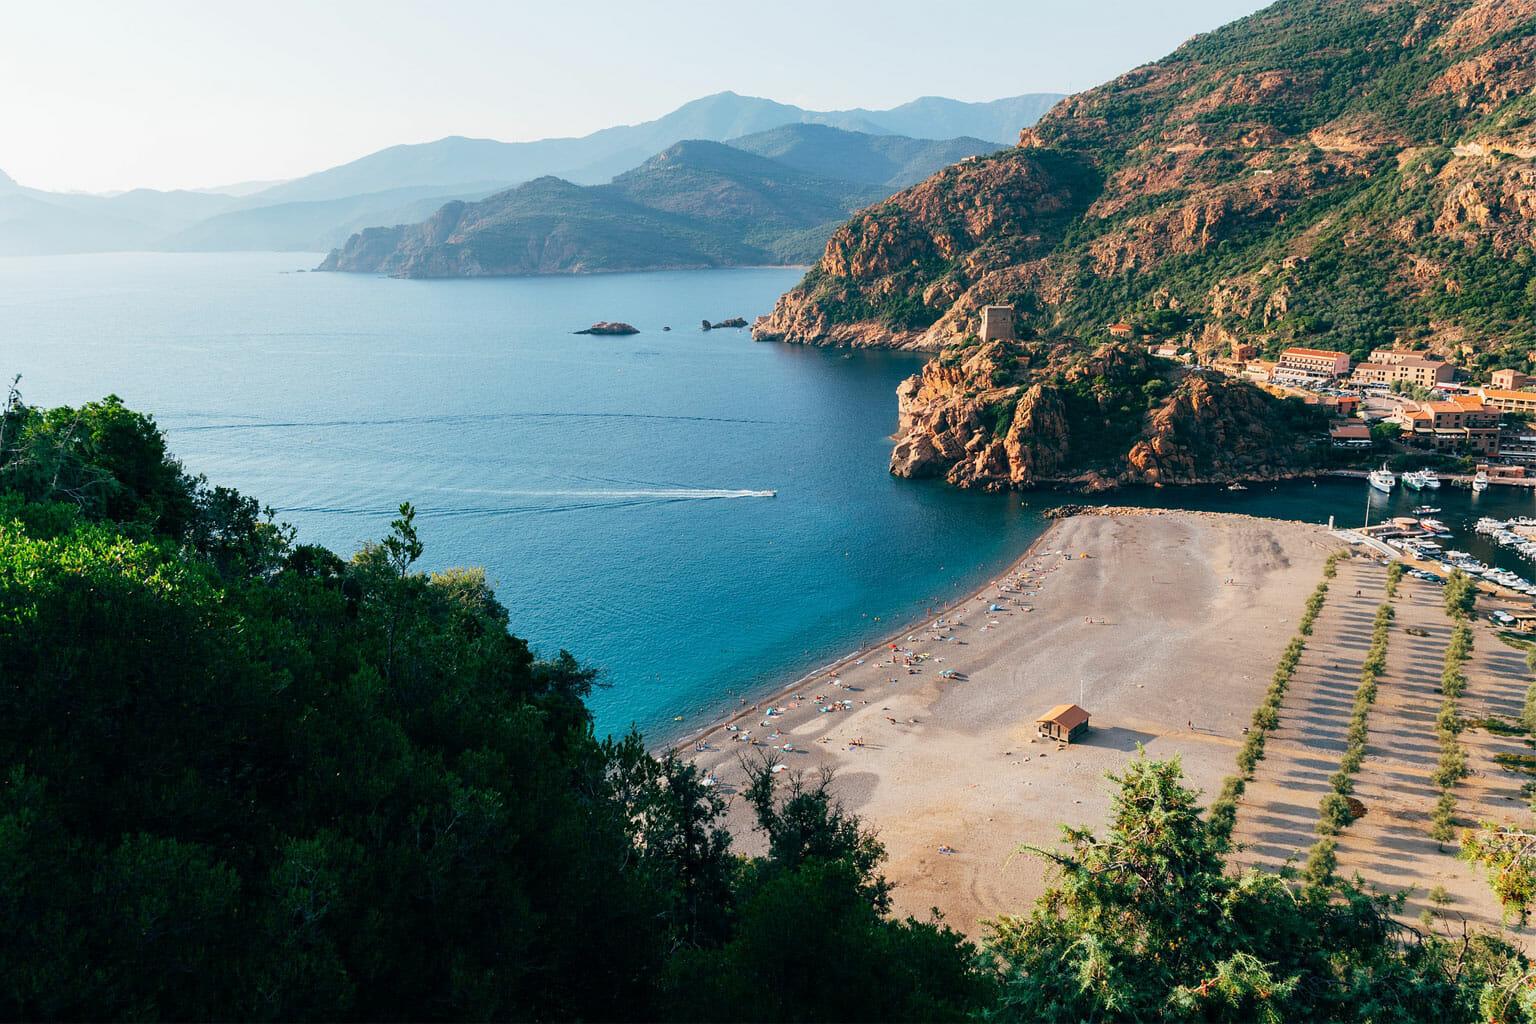 Image Corse